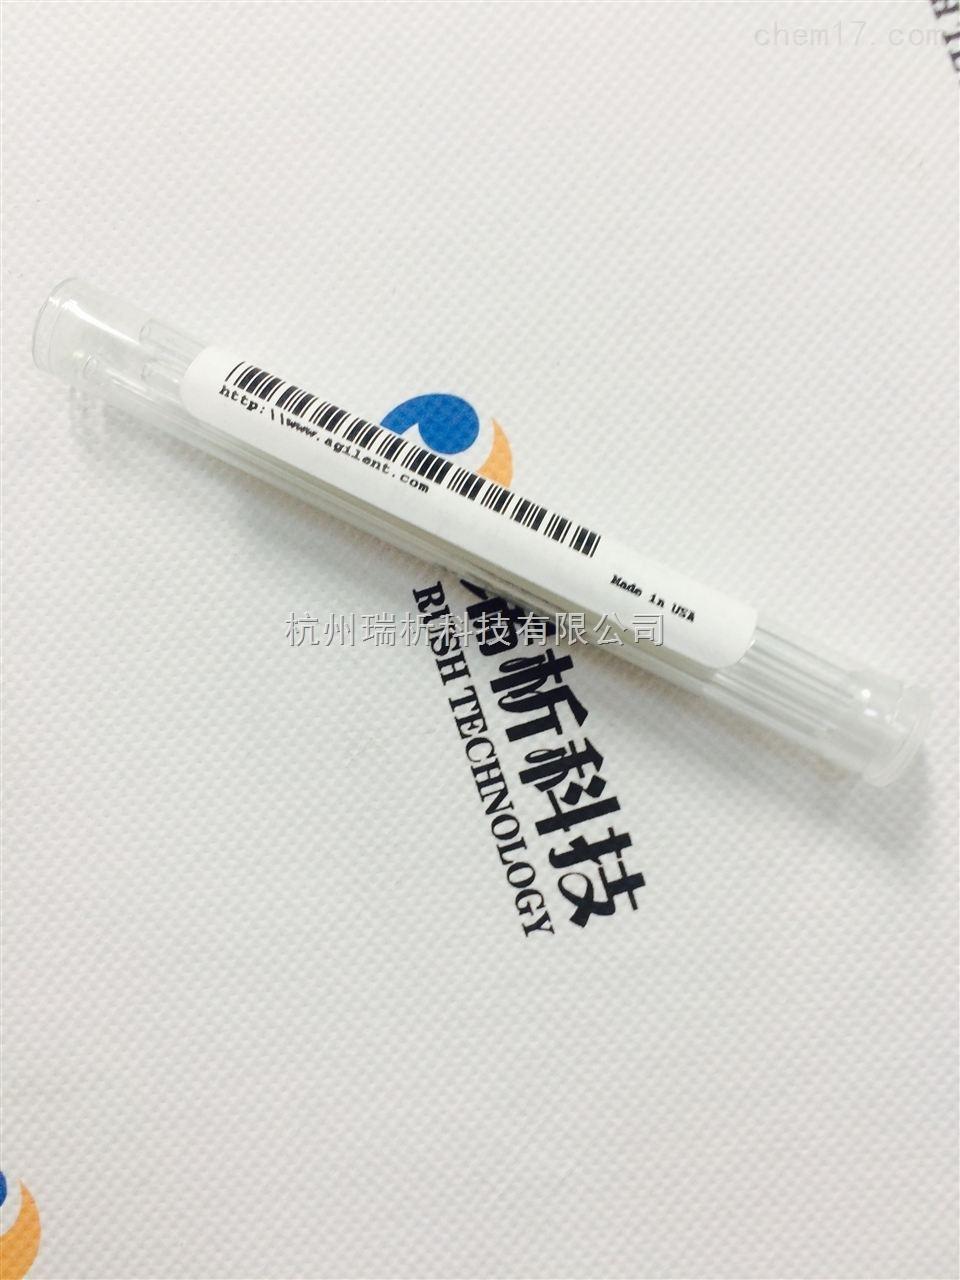 5181-33825181-3382 一次性去活玻璃插件 5包